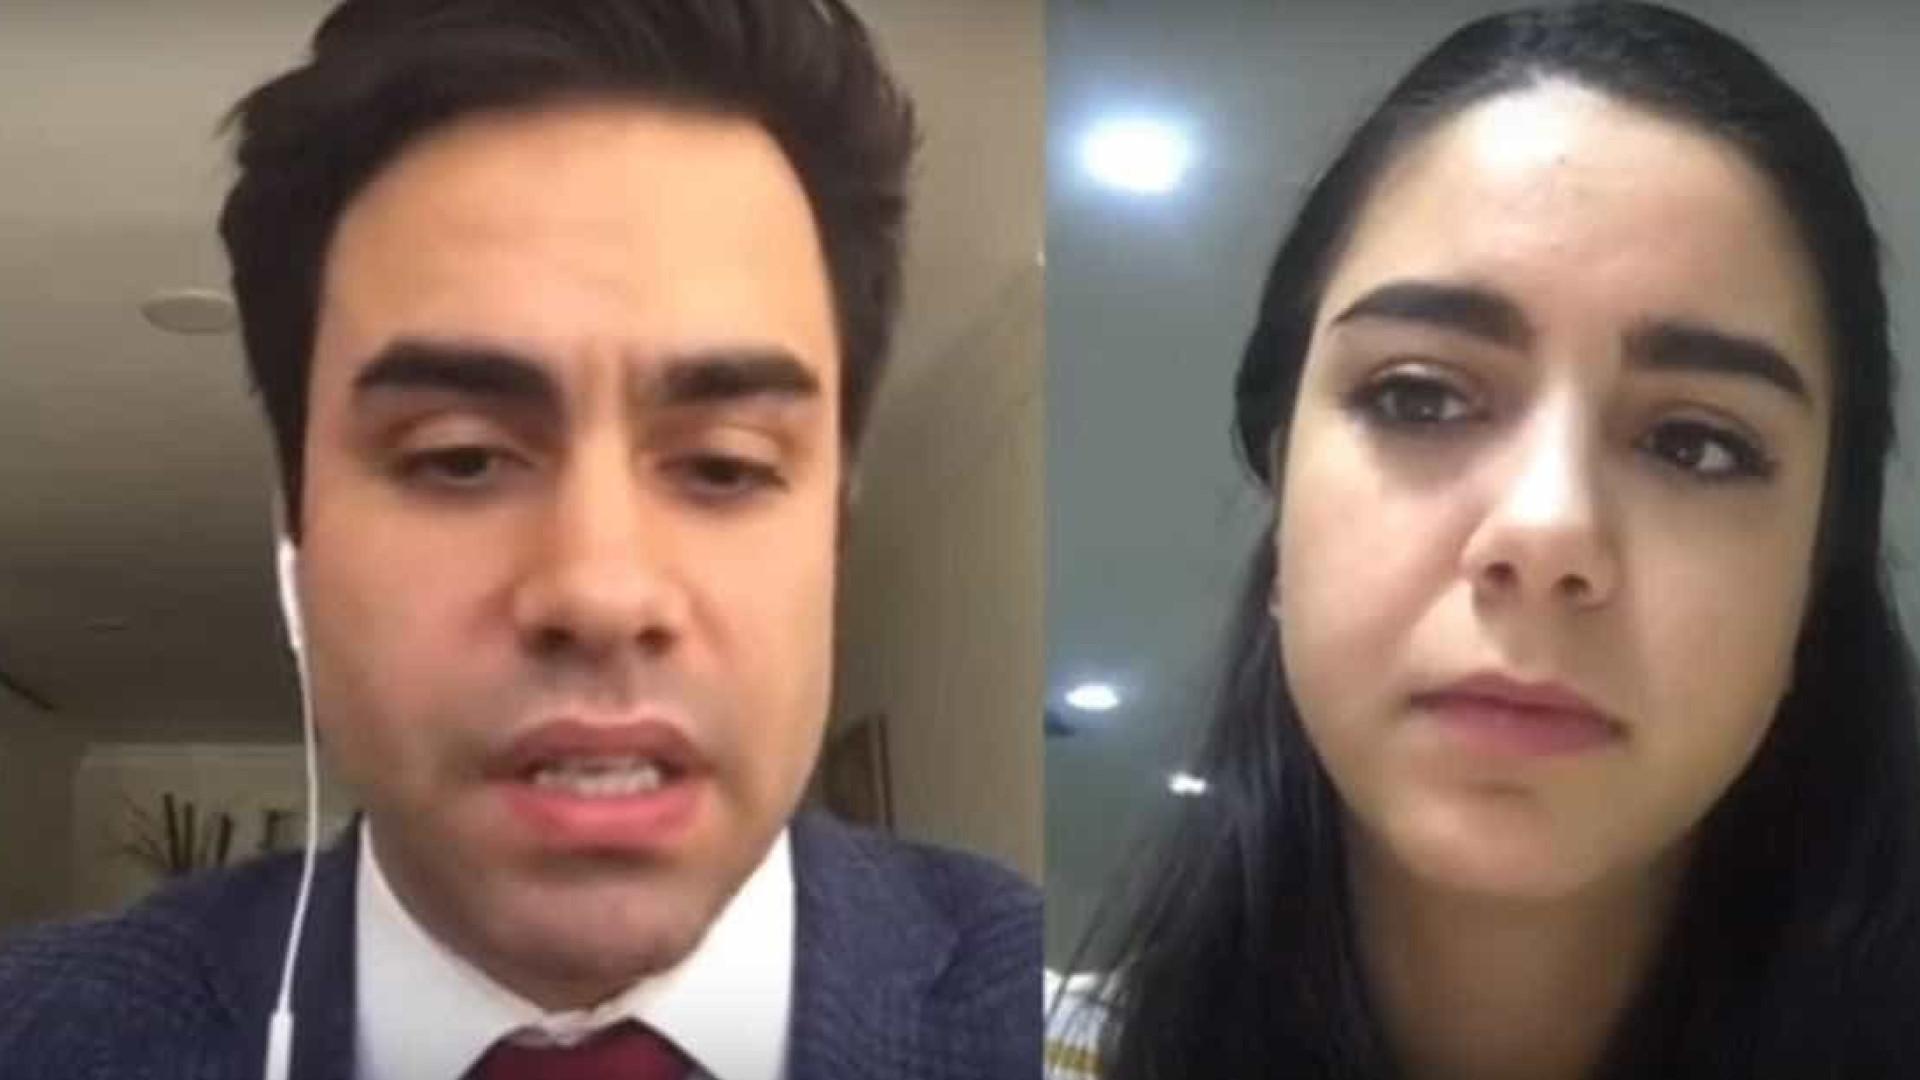 Netos de Edir Macedo negam adoção ilegal; Universal é investigada